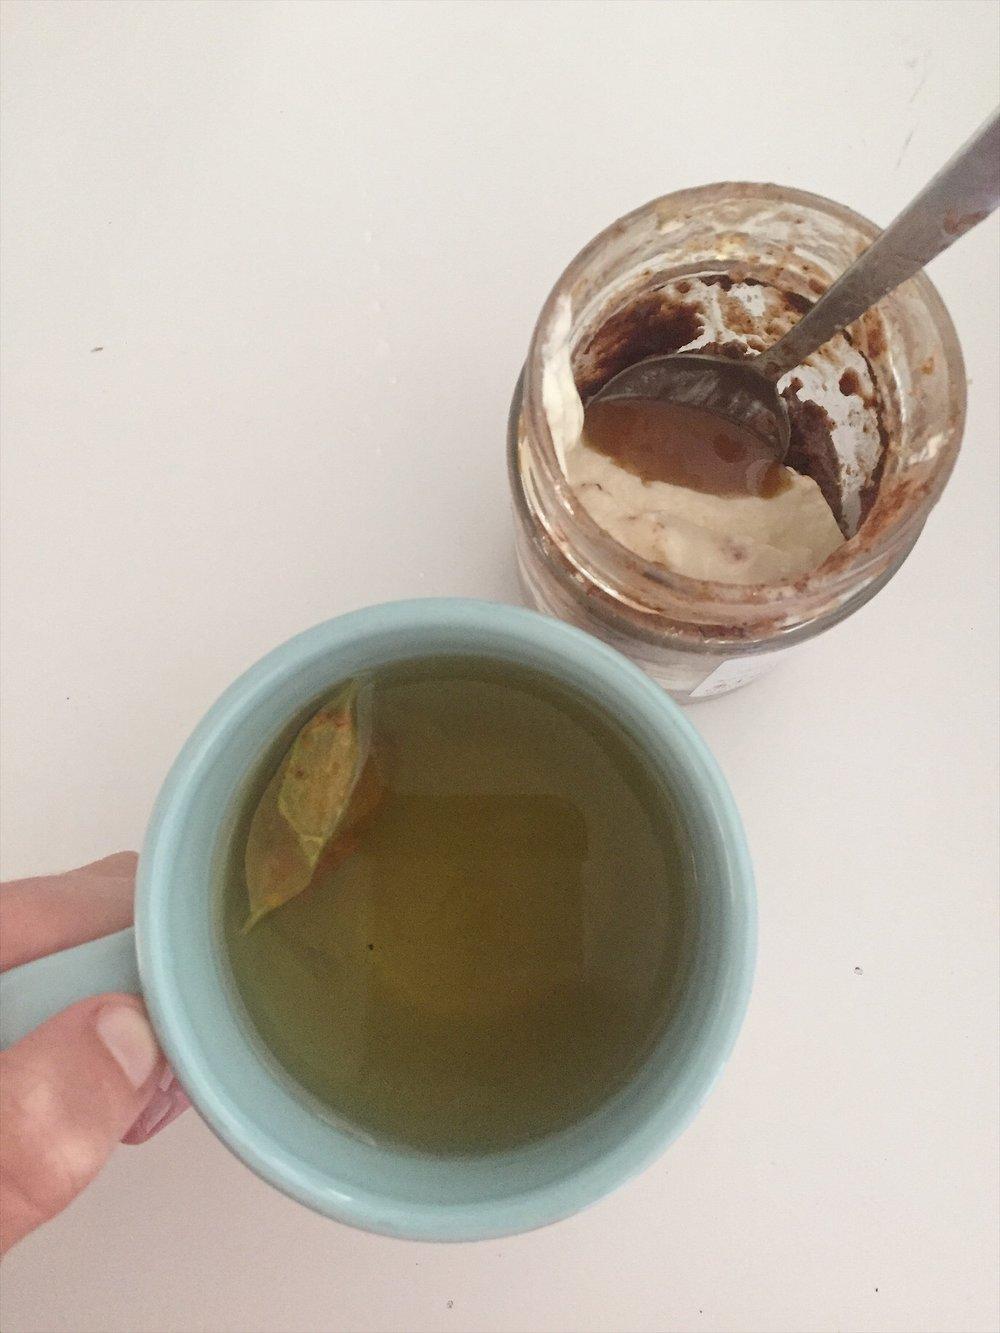 Mug Cake & Tea